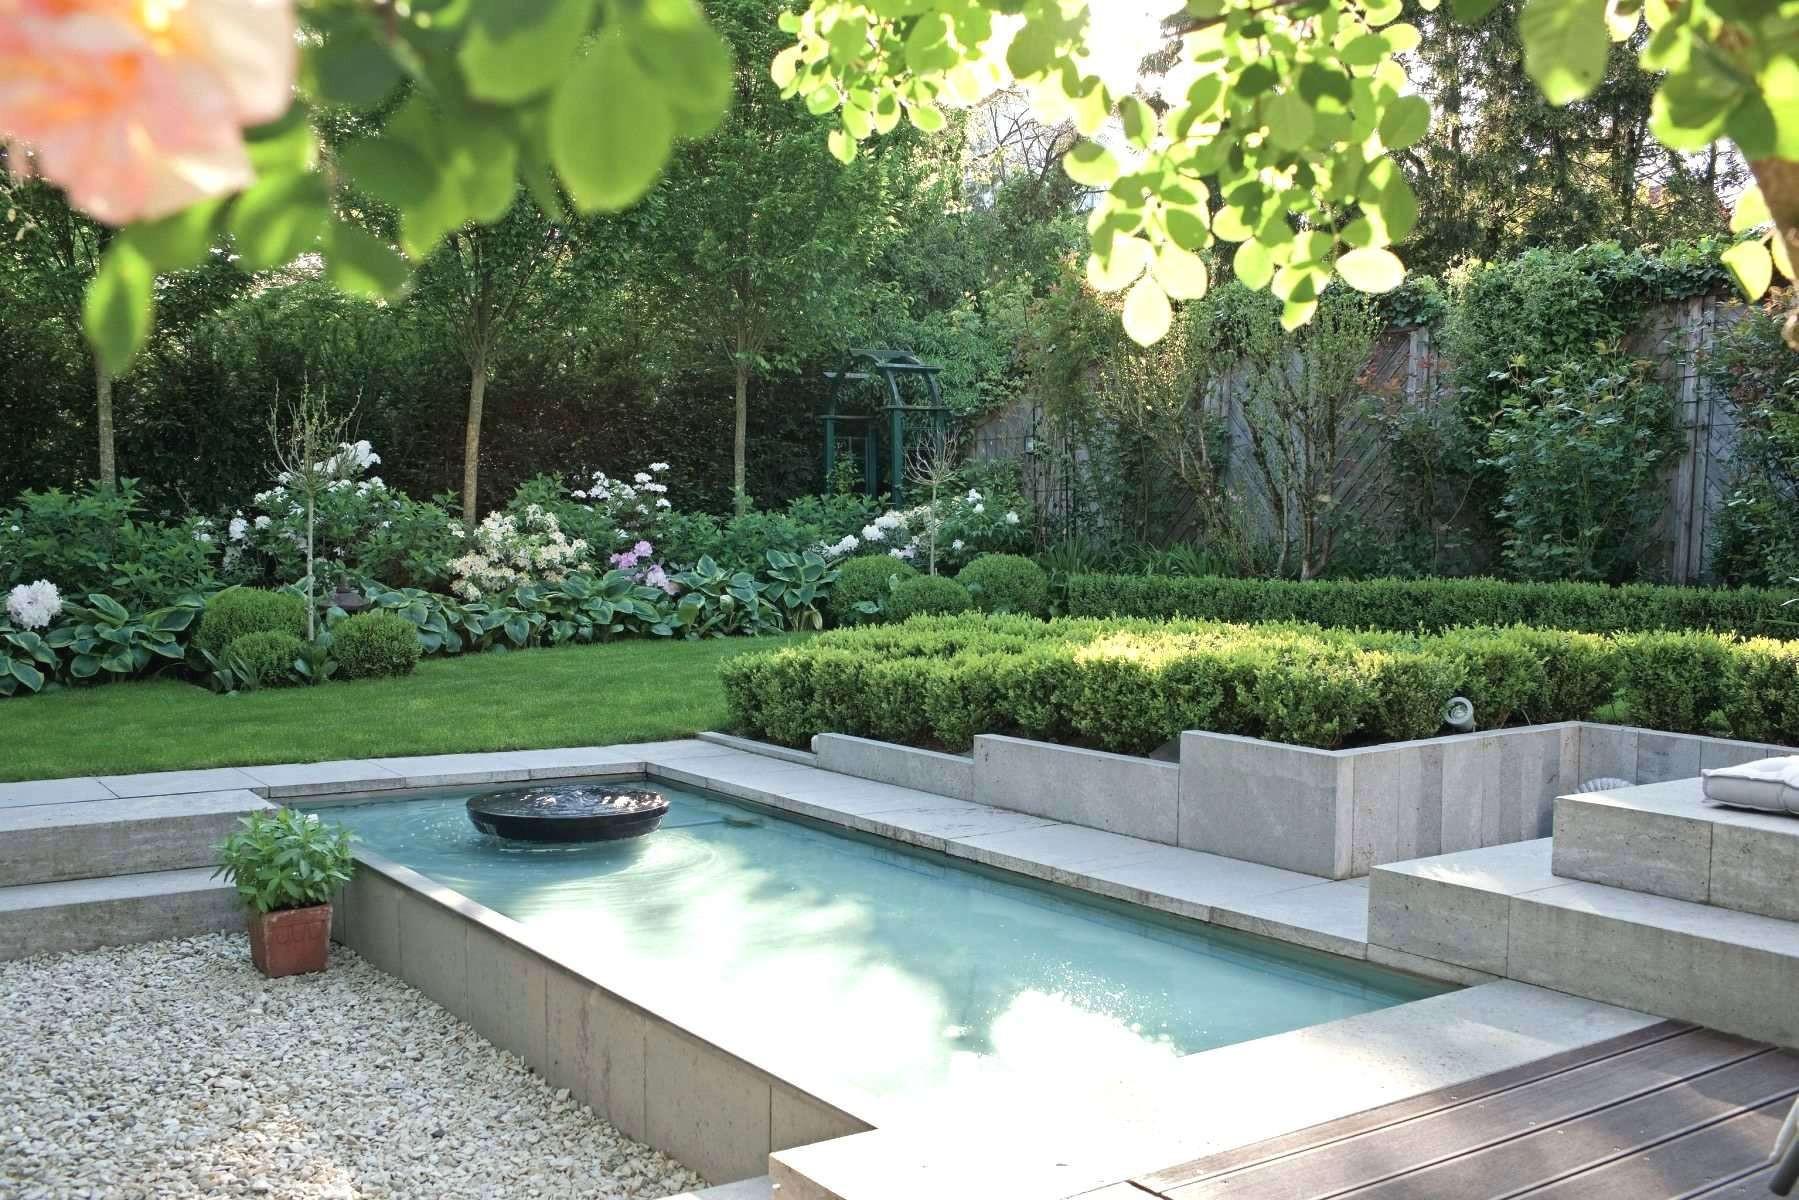 Gartengestaltung Pool Beispiele Elegant Garten Beispiele 35 Inspirierend Gartengestaltung Ideen